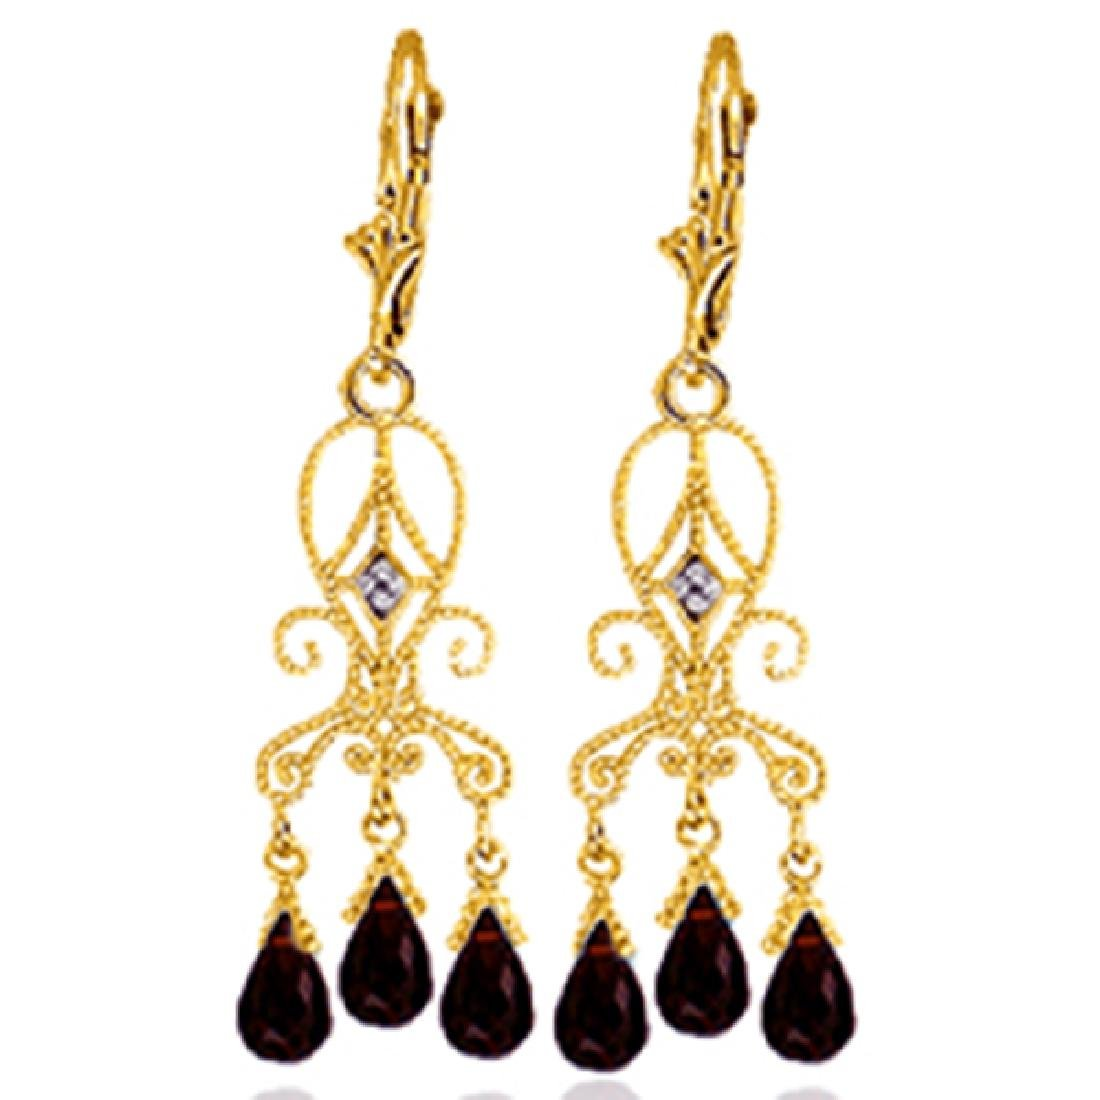 Genuine 6.31 ctw Garnet & Diamond Earrings Jewelry 14KT